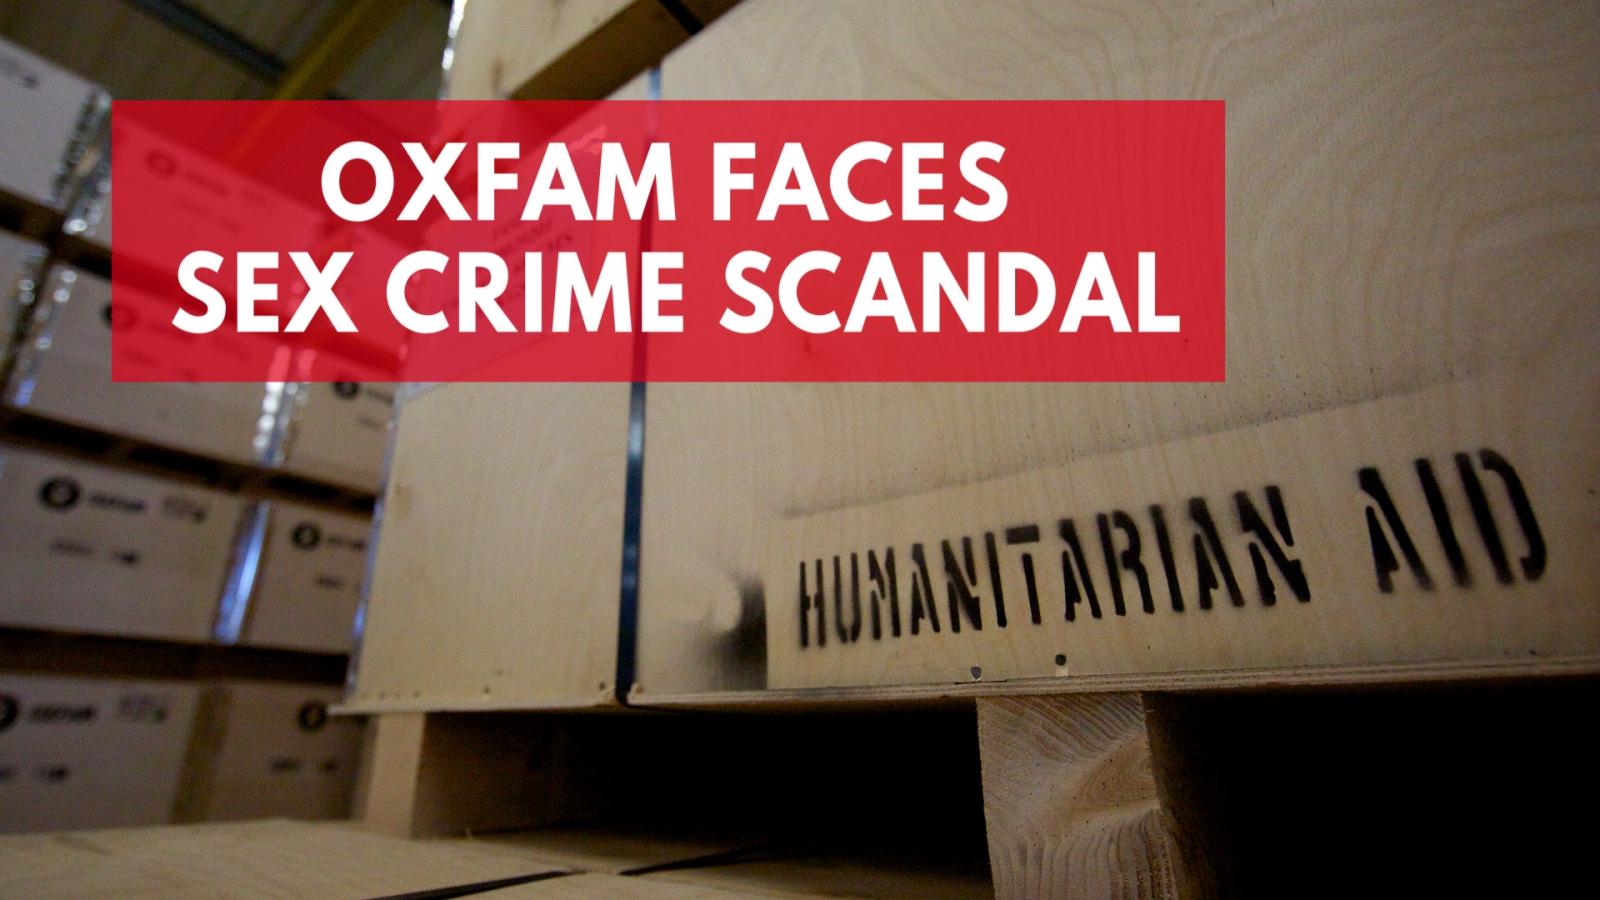 oxfam-faces-sex-crime-scandal-in-haiti-following-2010-earthquake